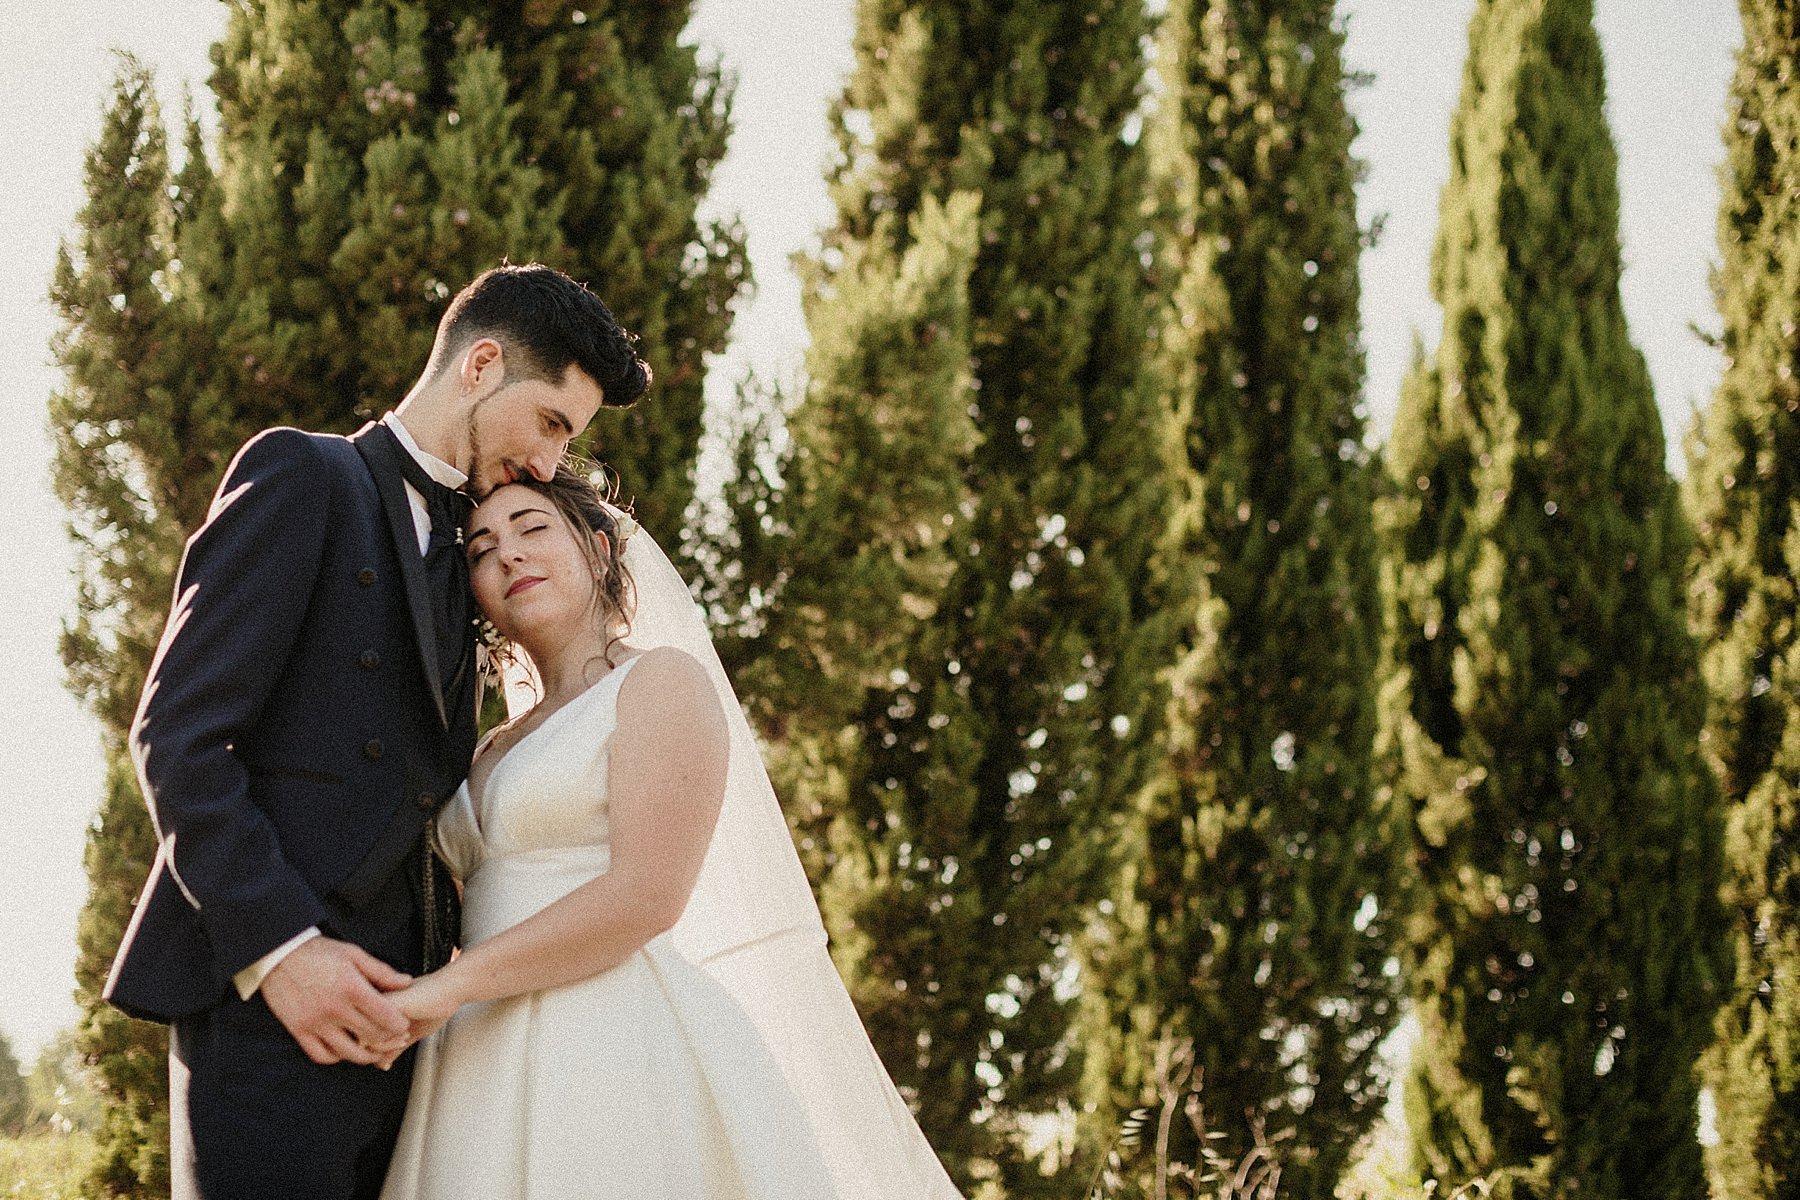 matrimonio tenuta bichi borghesi monteriggioni 3033